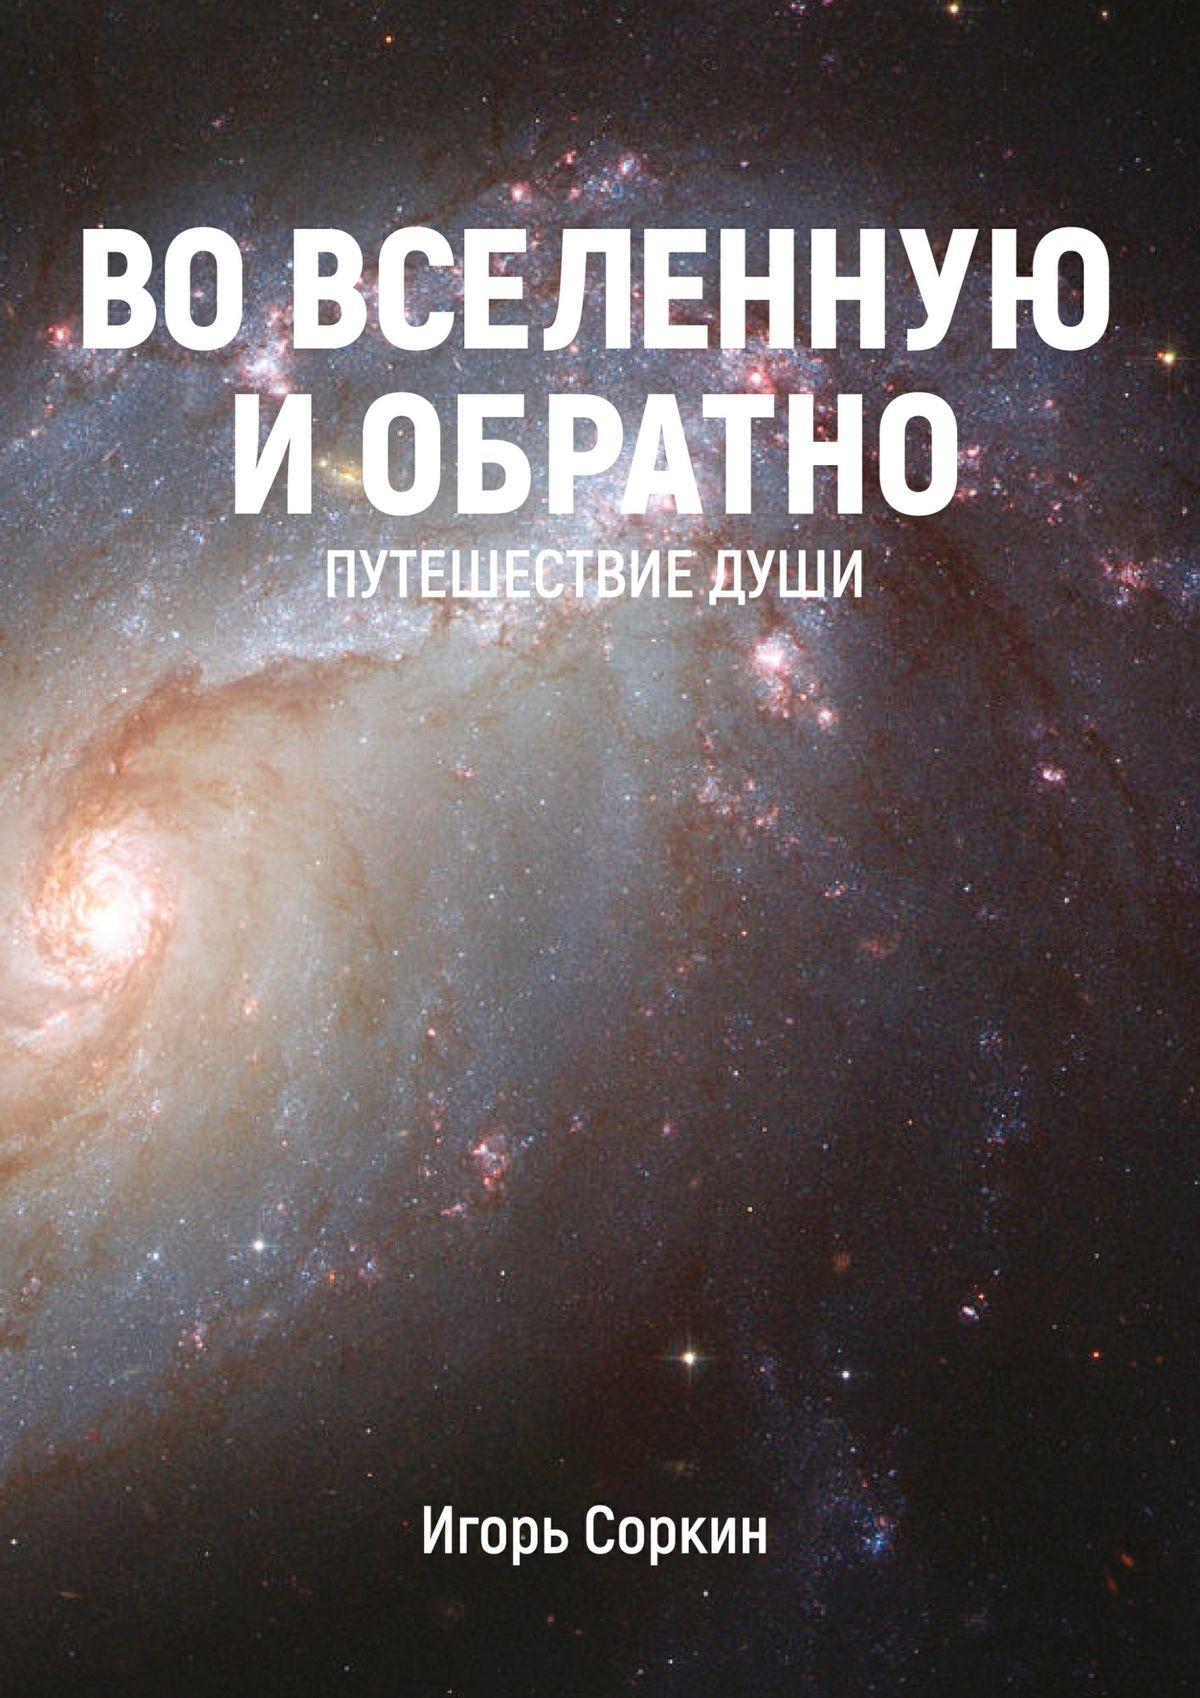 Игорь Соркин ВоВселенную иобратно. Путешествиедуши путешествие души